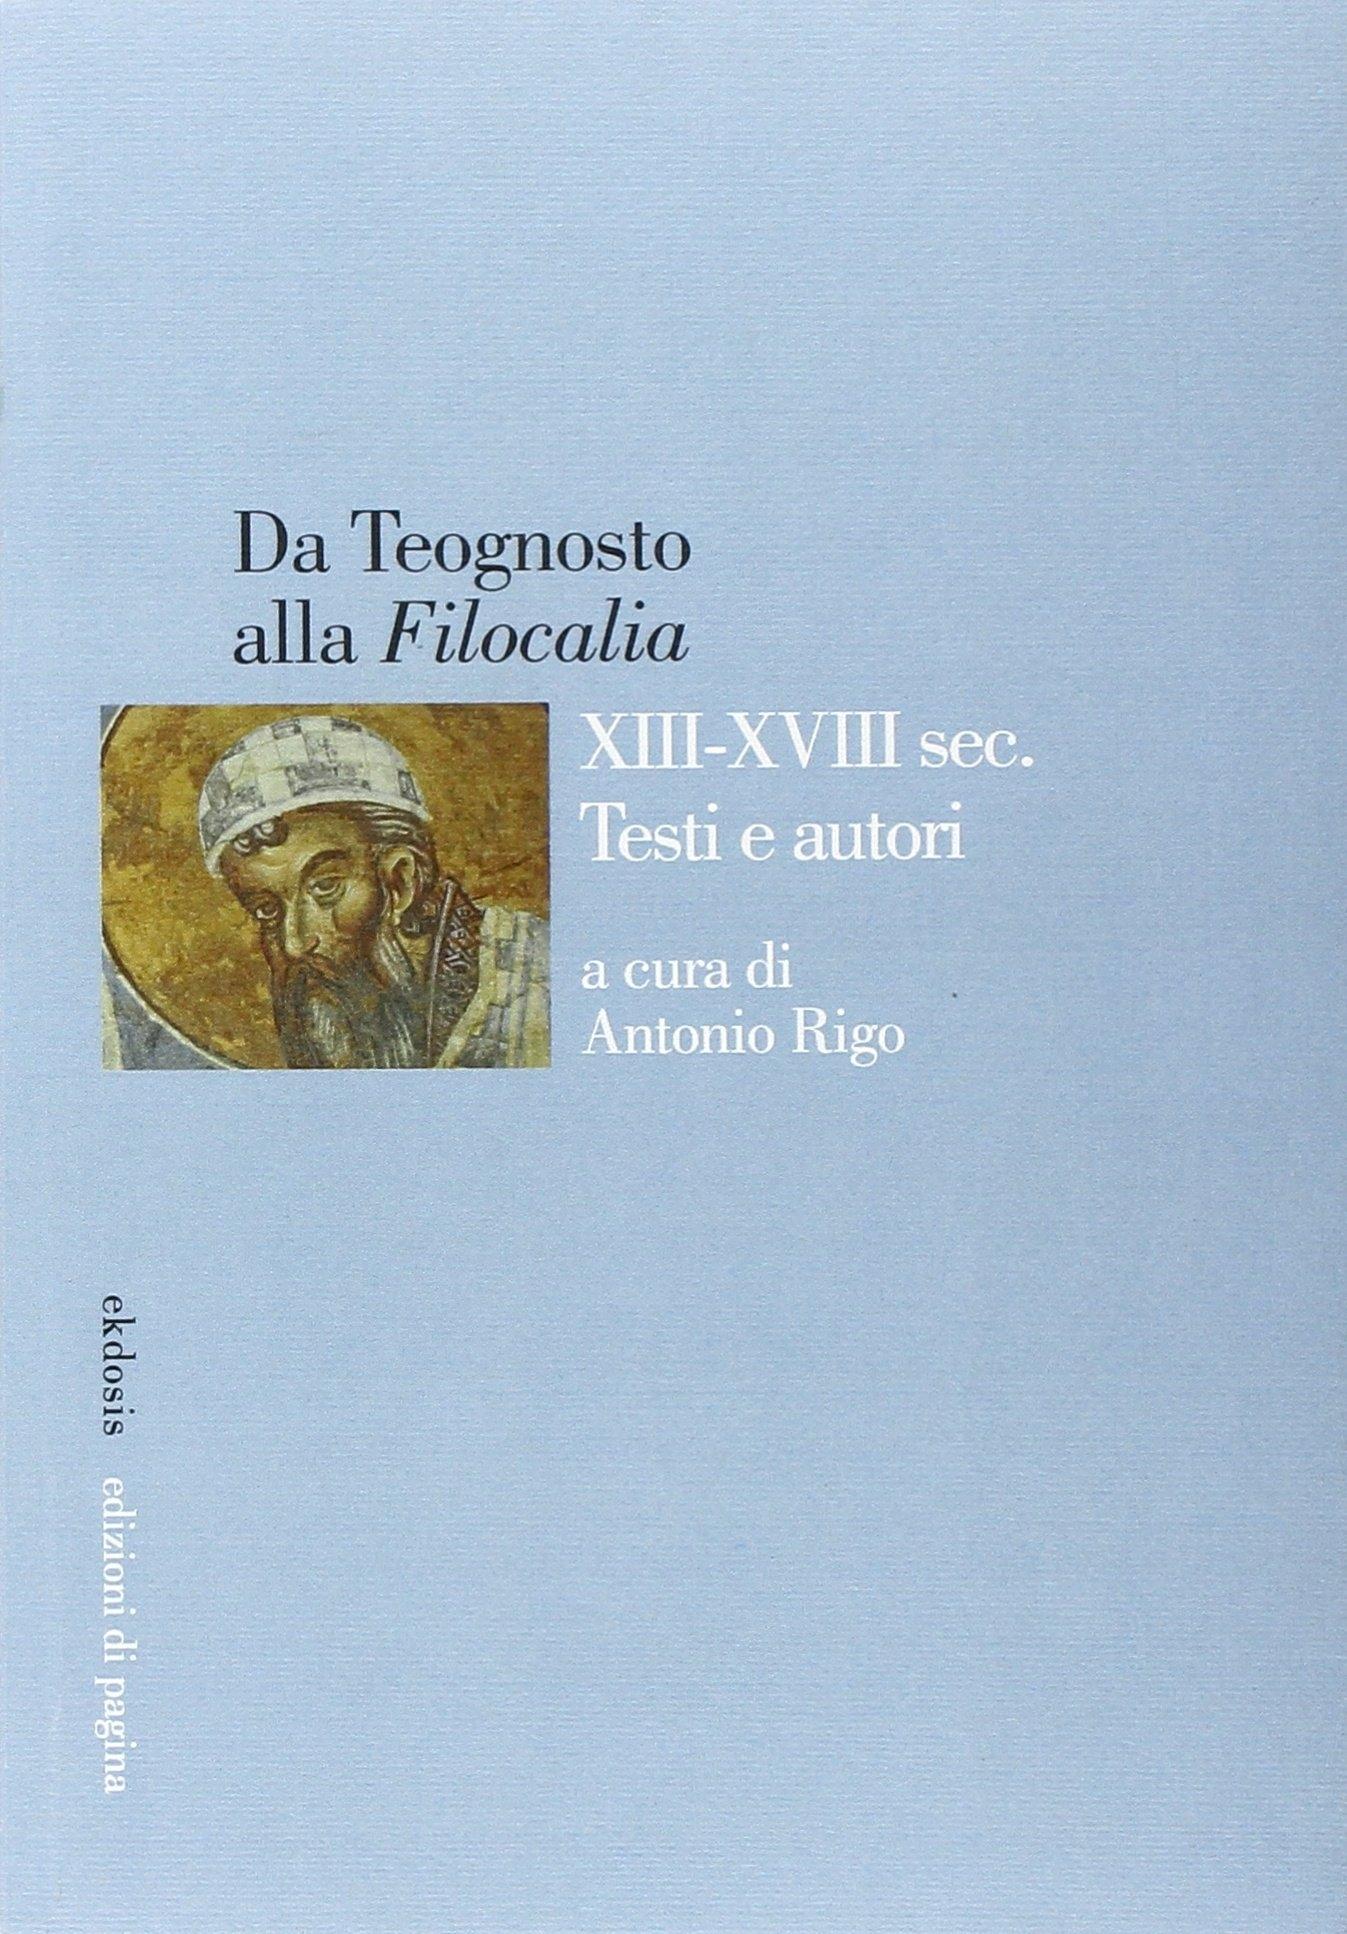 Da Teognosto alla Filocalia. XIII-XVIII sec. testi e autori.